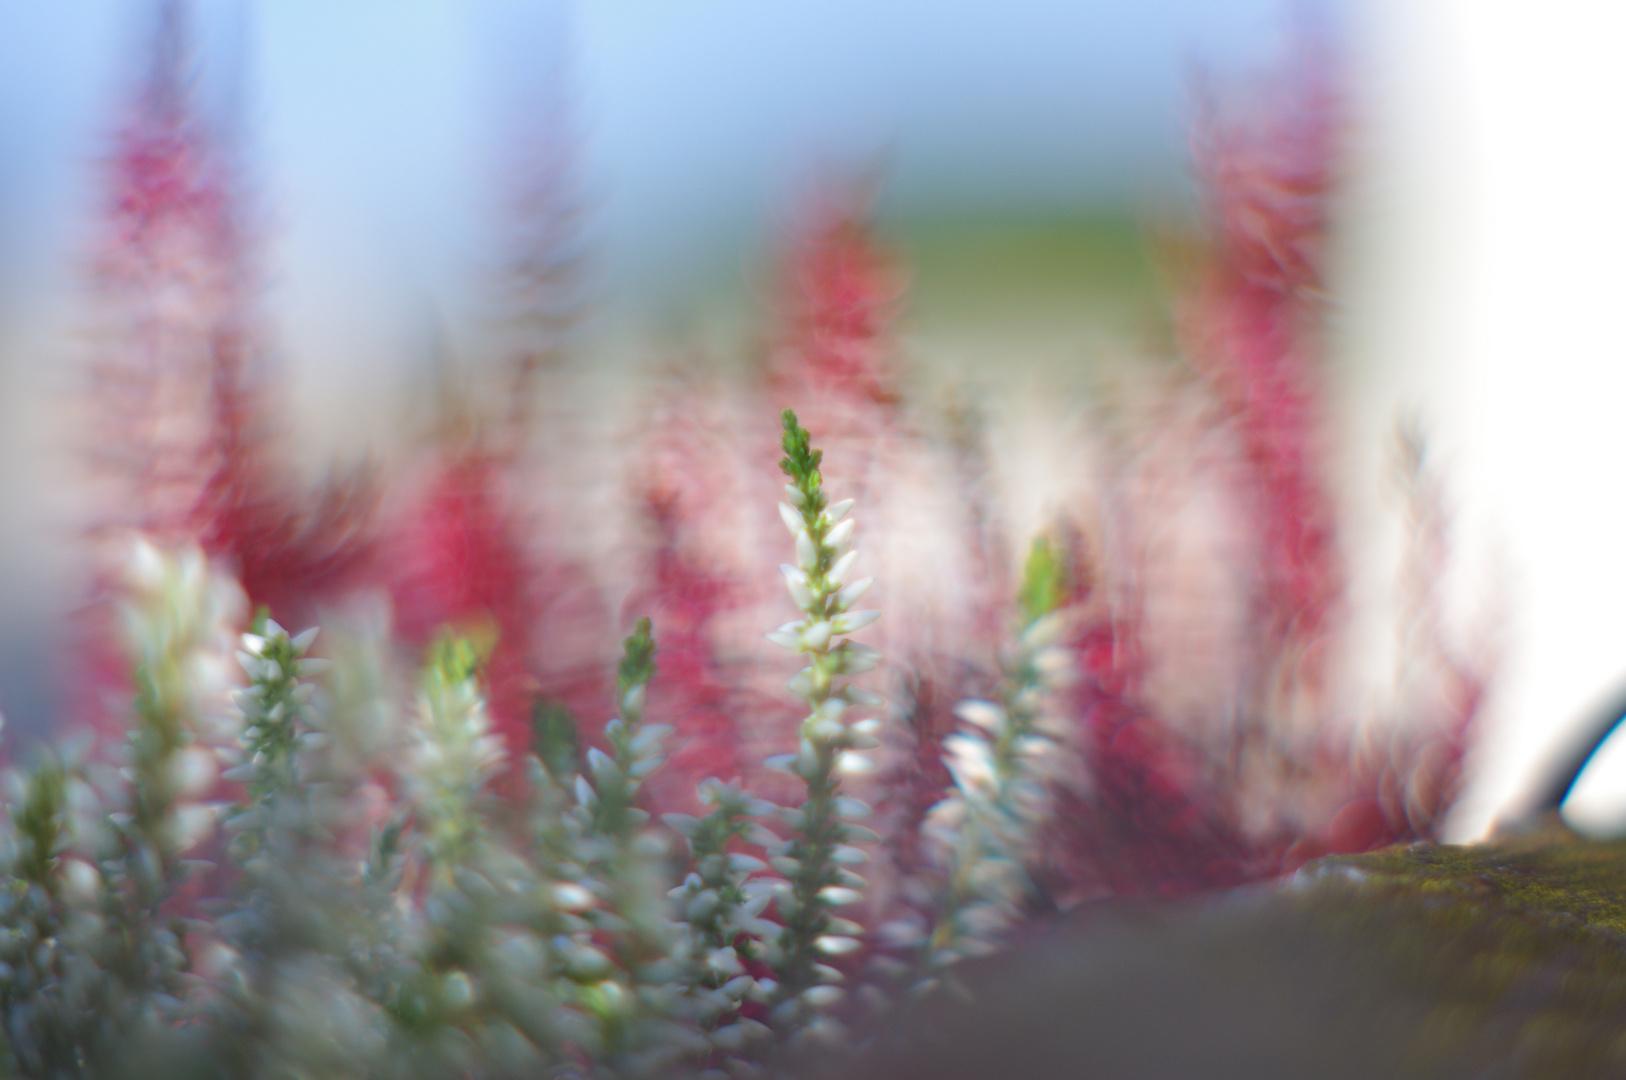 Balkonpflanzen mit Porst 1.2 Blende